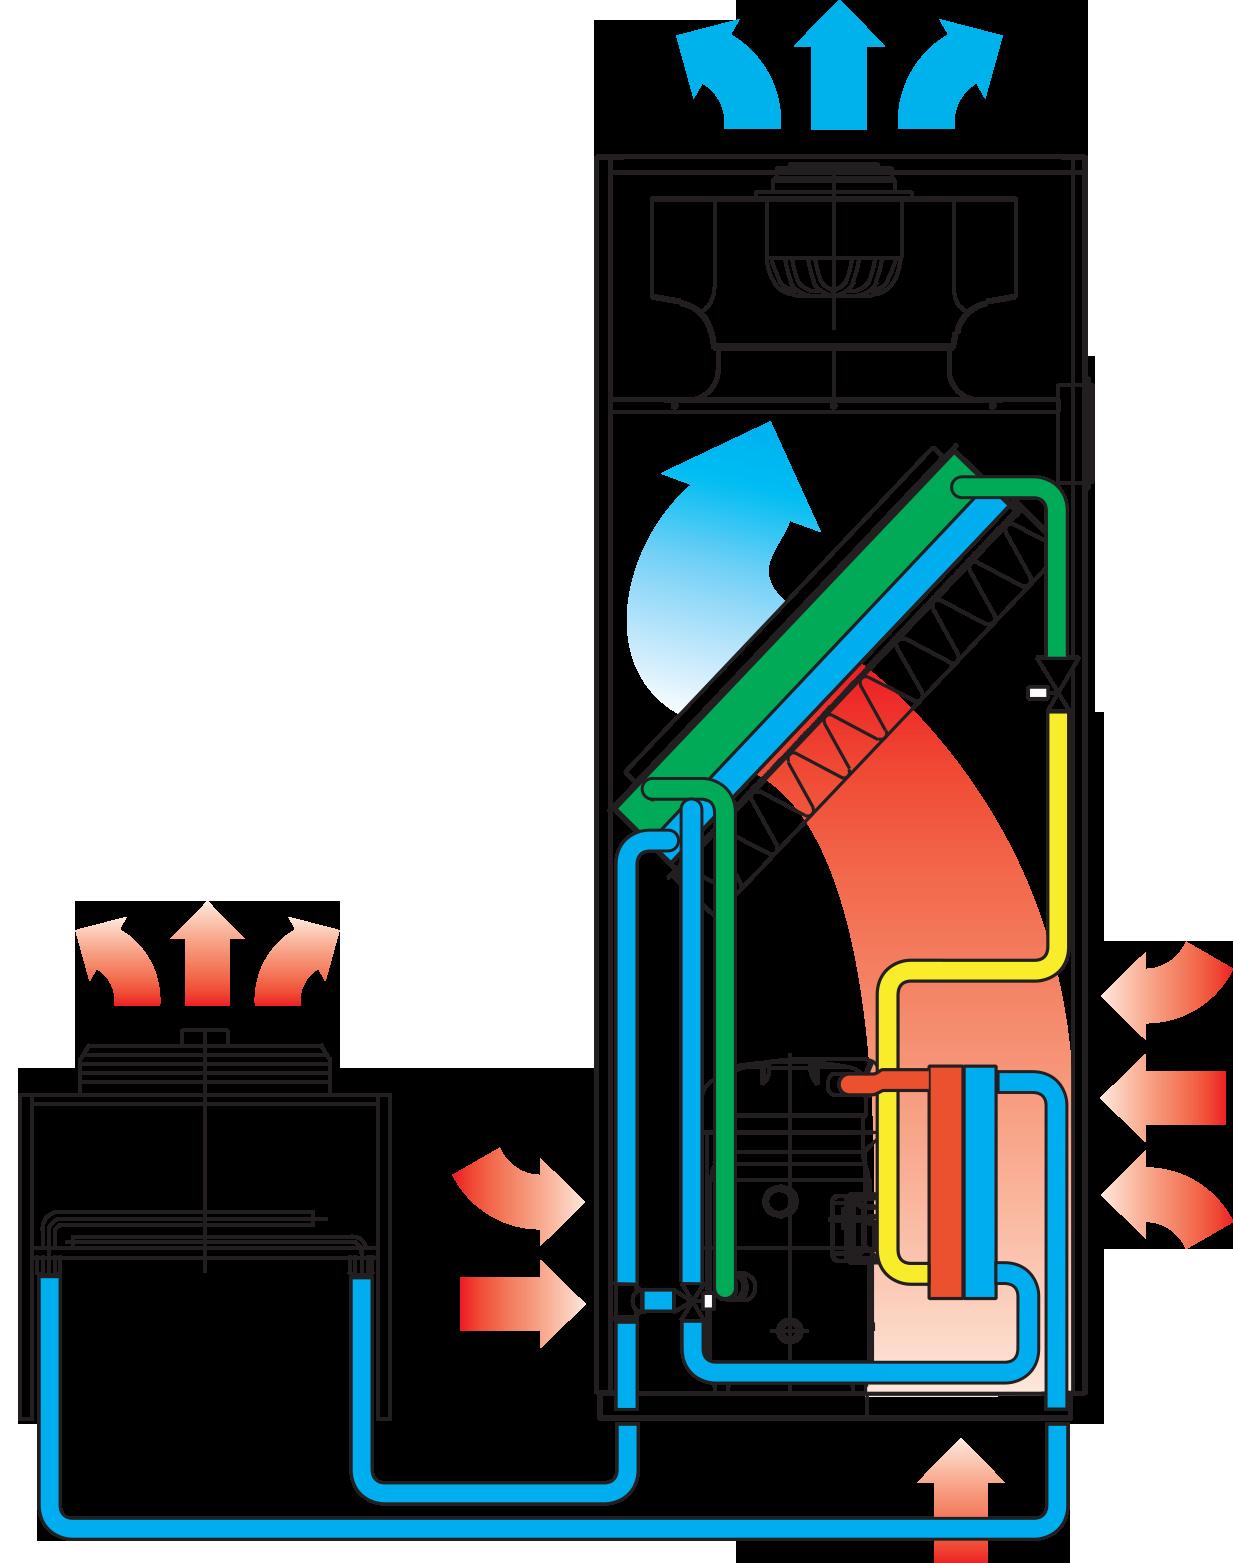 TDEV мощность: 20 - 100 кВт